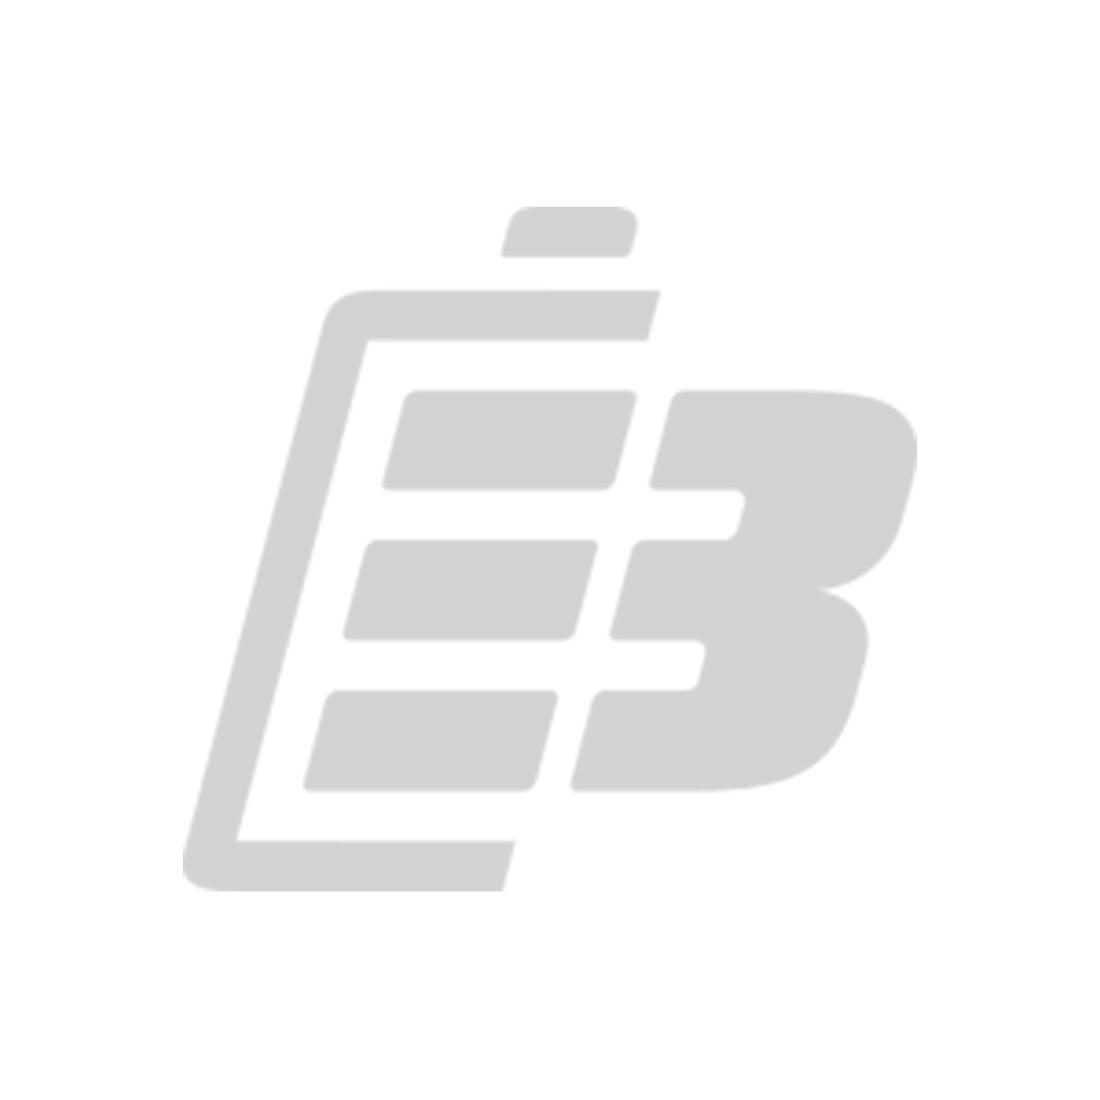 Μπαταρια Μολυβδου Multipower 12V 2,9Ah